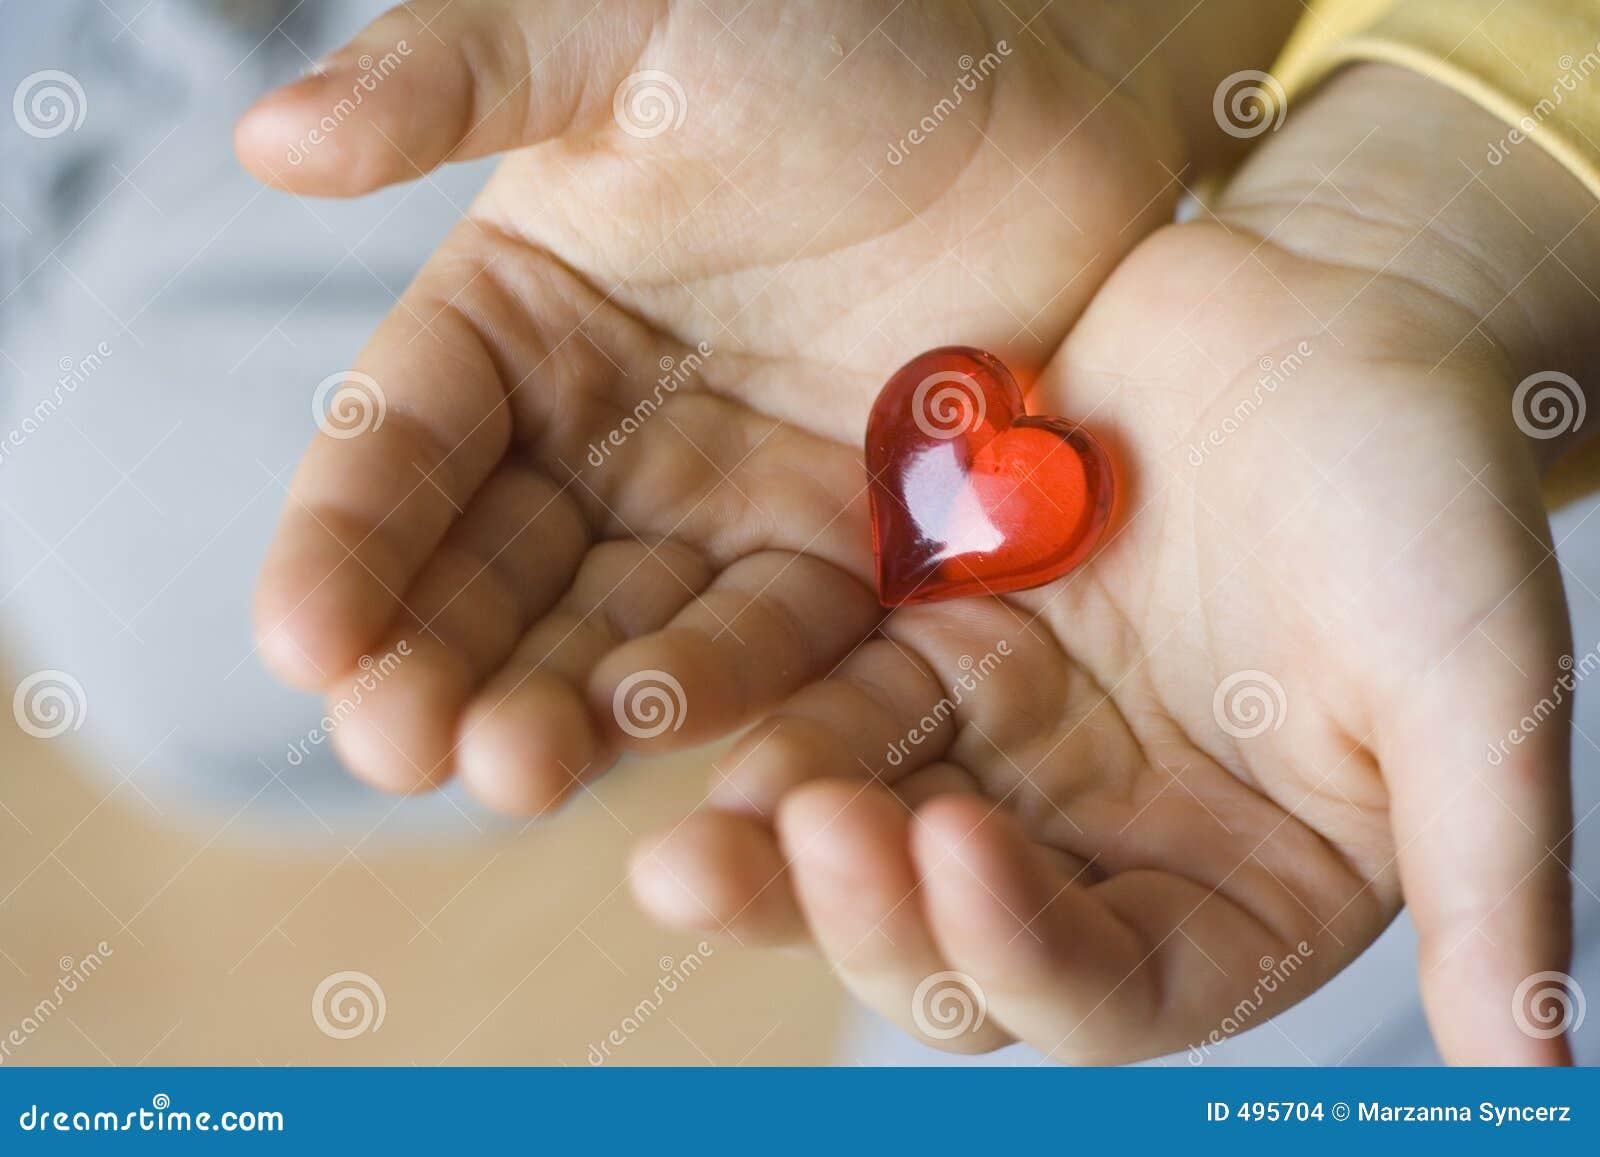 Weinig groot hart van jong kind